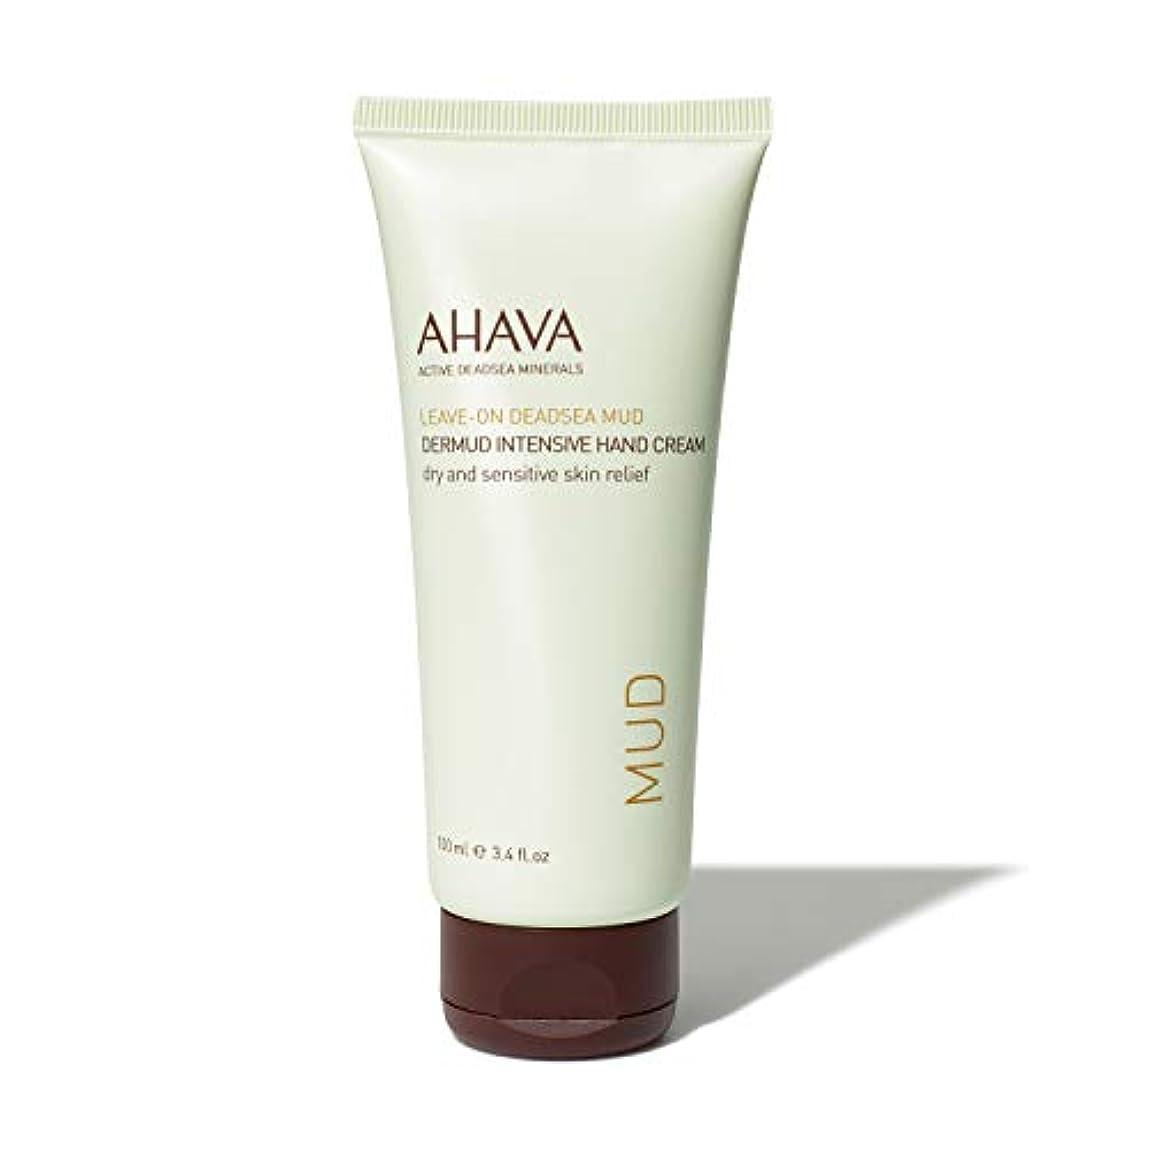 甘味真夜中スラッシュAHAVA Dermud Intensive Hand Cream 100 ml